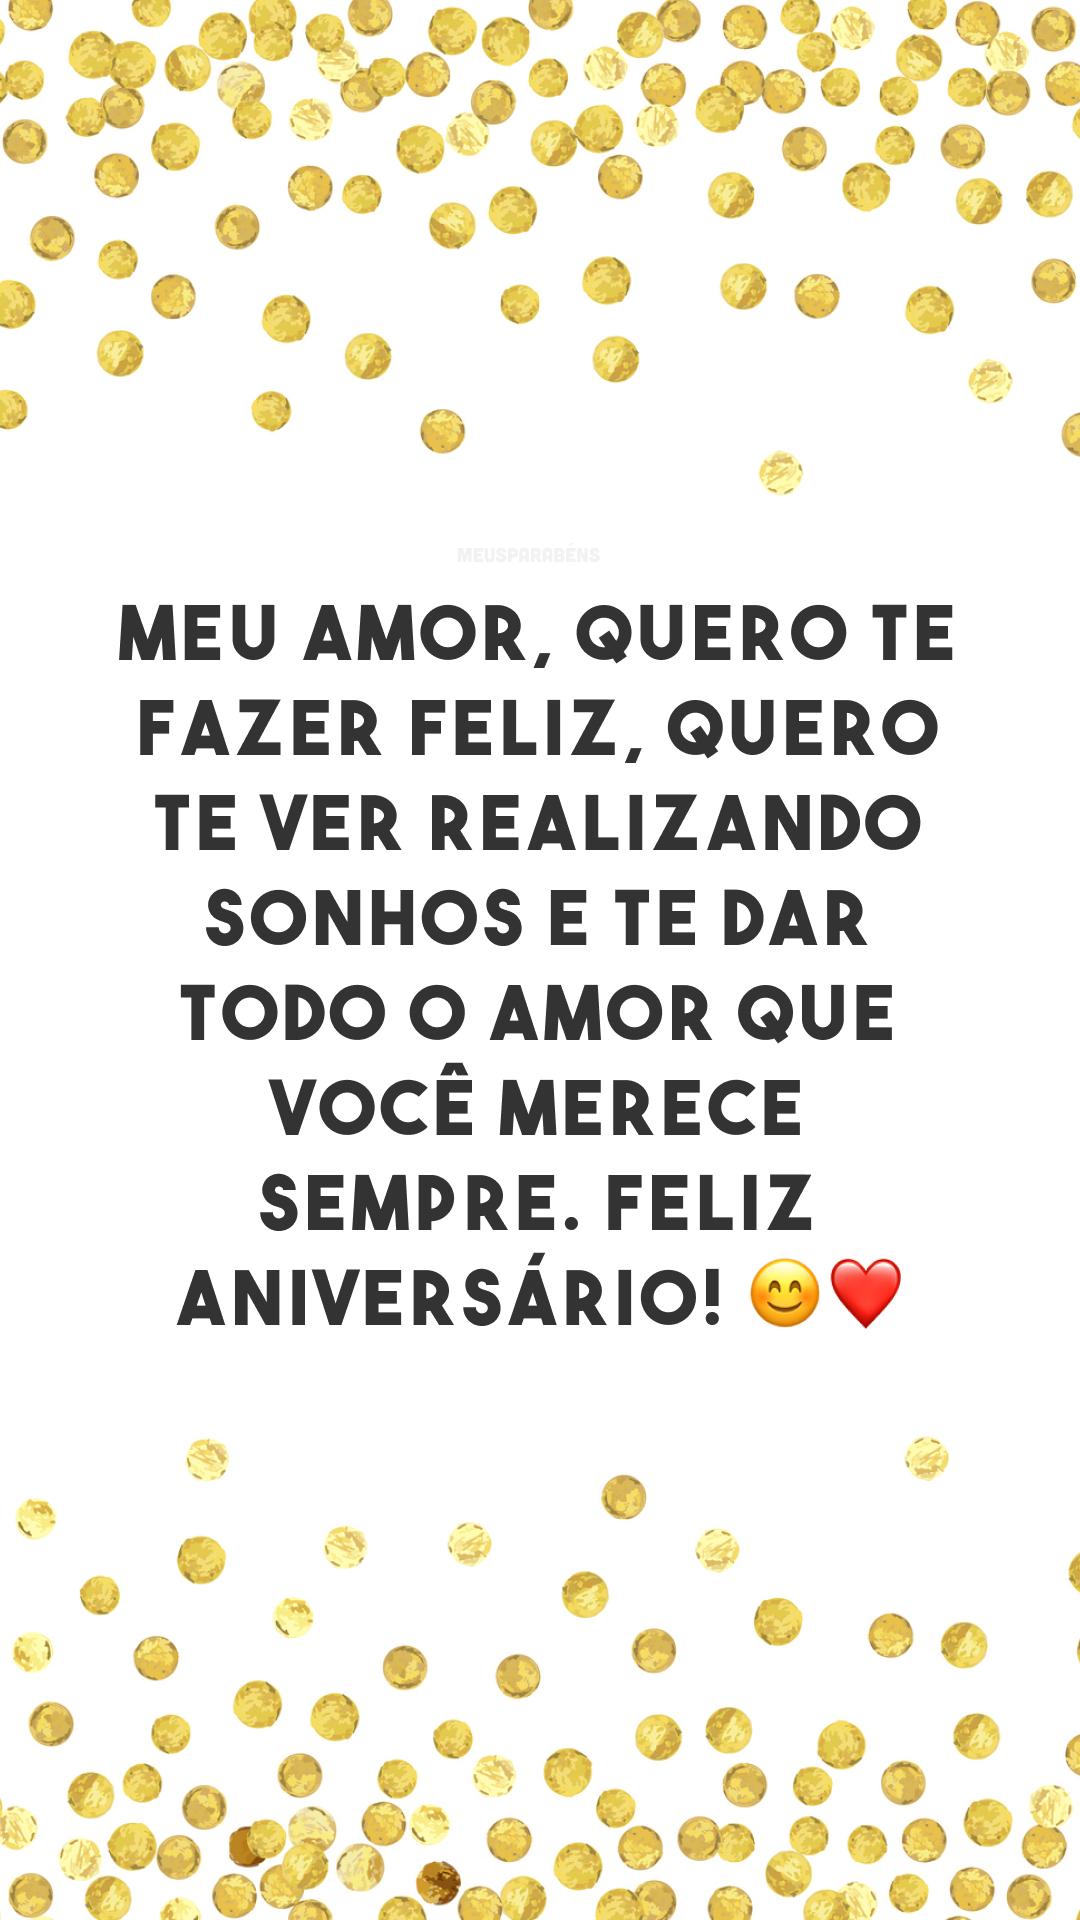 Meu amor, quero te fazer feliz, quero te ver realizando sonhos e te dar todo o amor que você merece sempre. Feliz aniversário! 😊❤